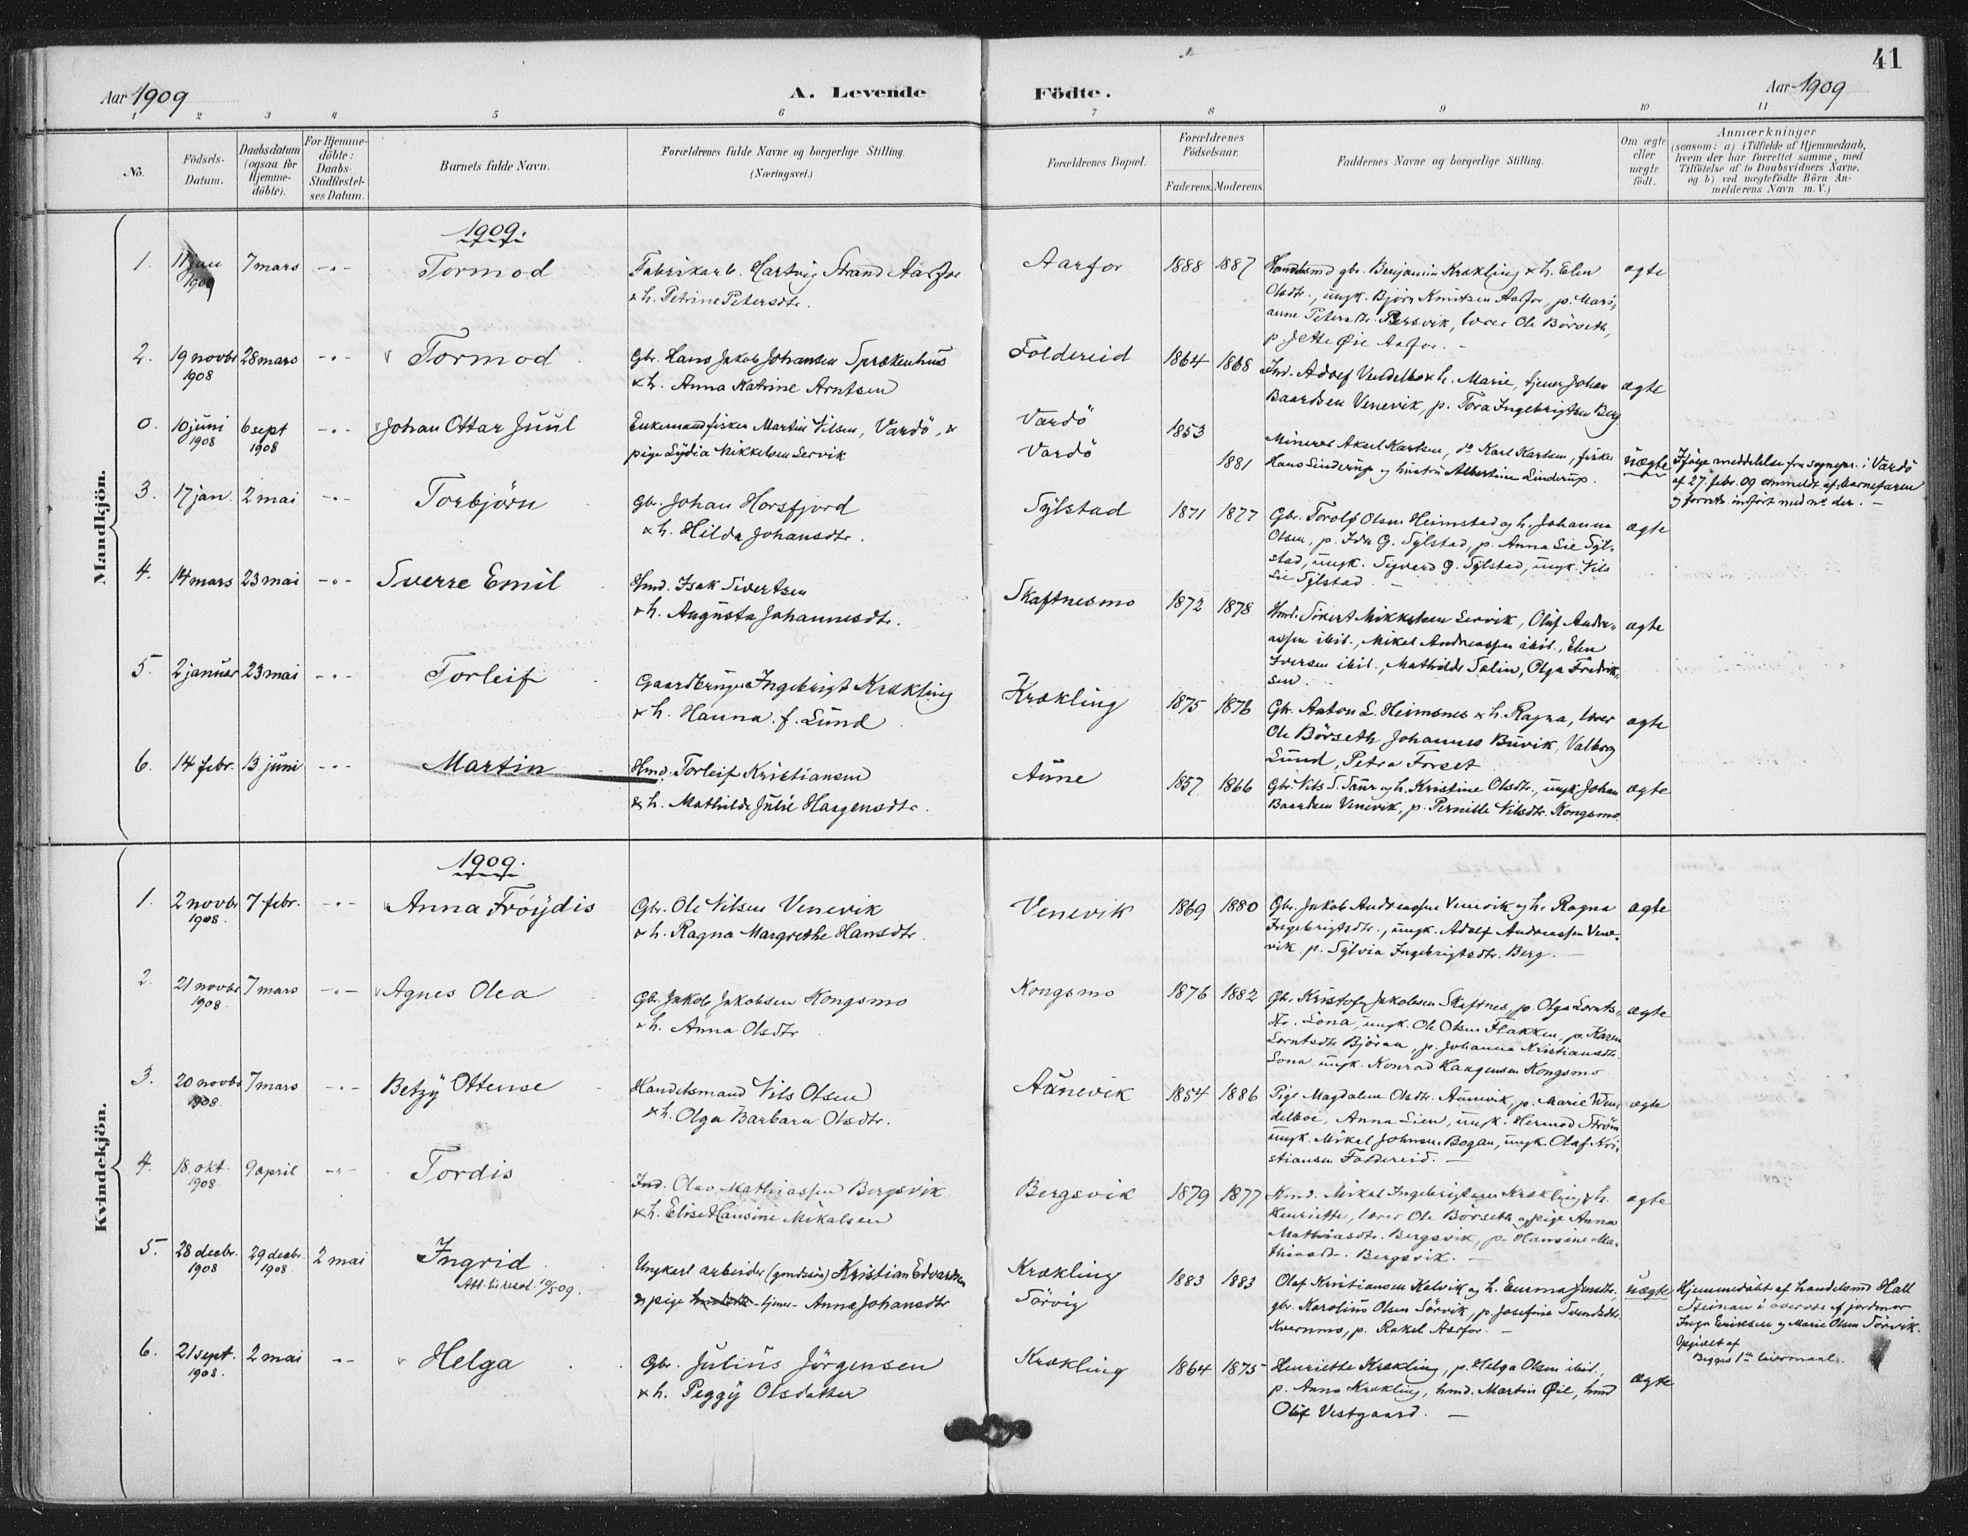 SAT, Ministerialprotokoller, klokkerbøker og fødselsregistre - Nord-Trøndelag, 783/L0660: Ministerialbok nr. 783A02, 1886-1918, s. 41